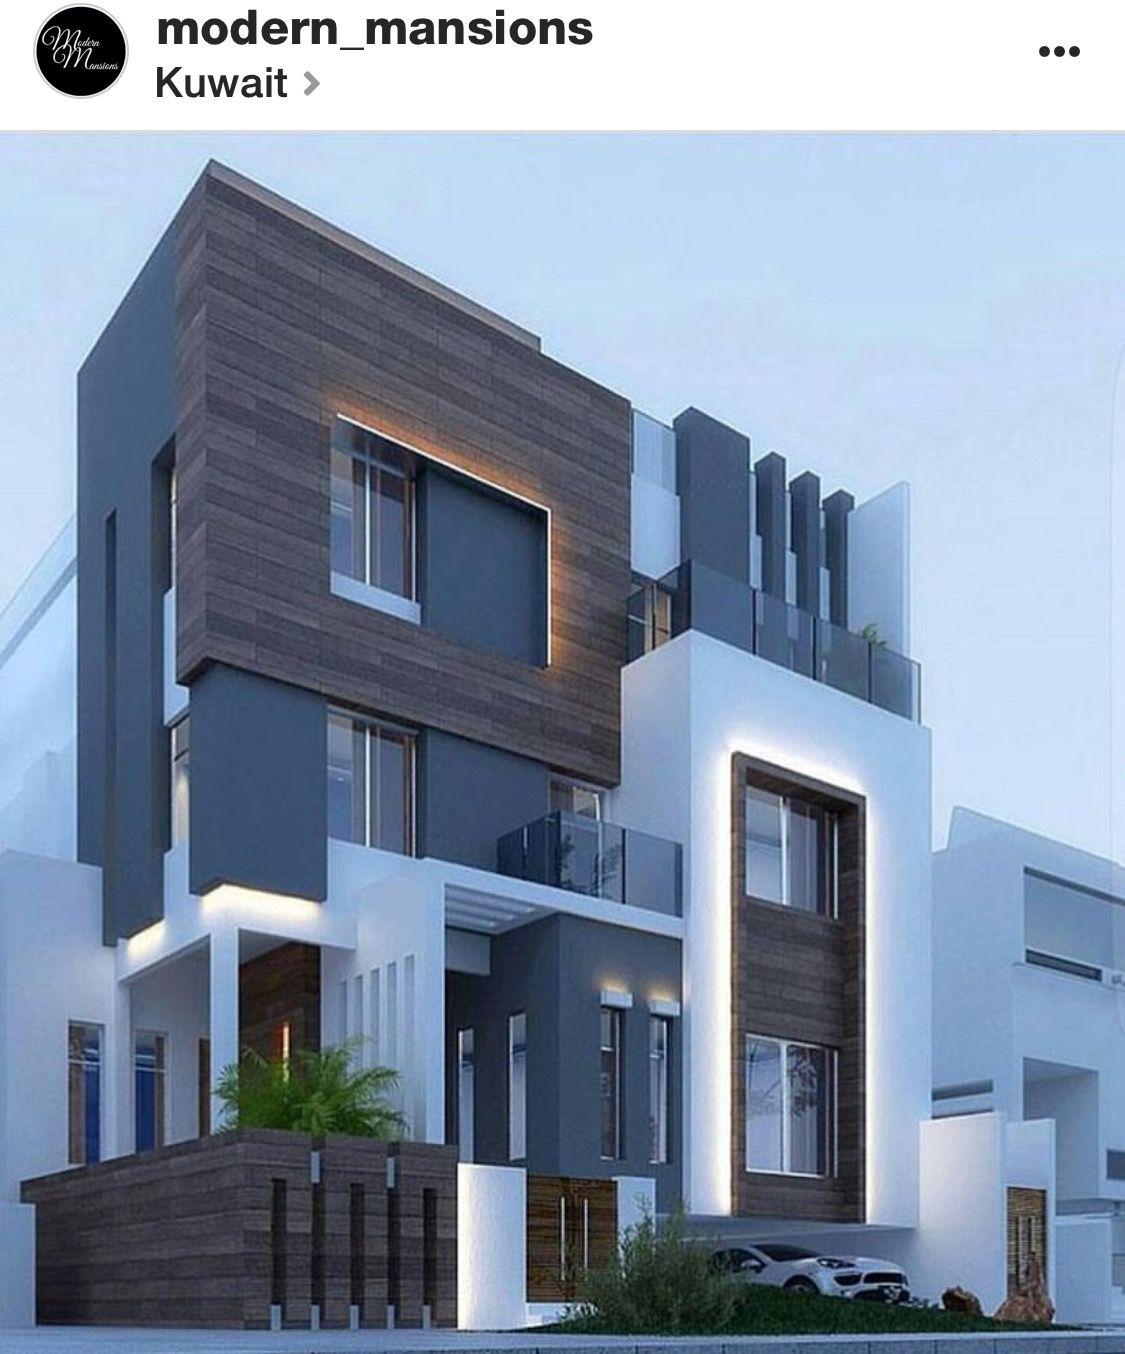 4 Level Modern Design House Architecture Design Modern Mansion Architecture